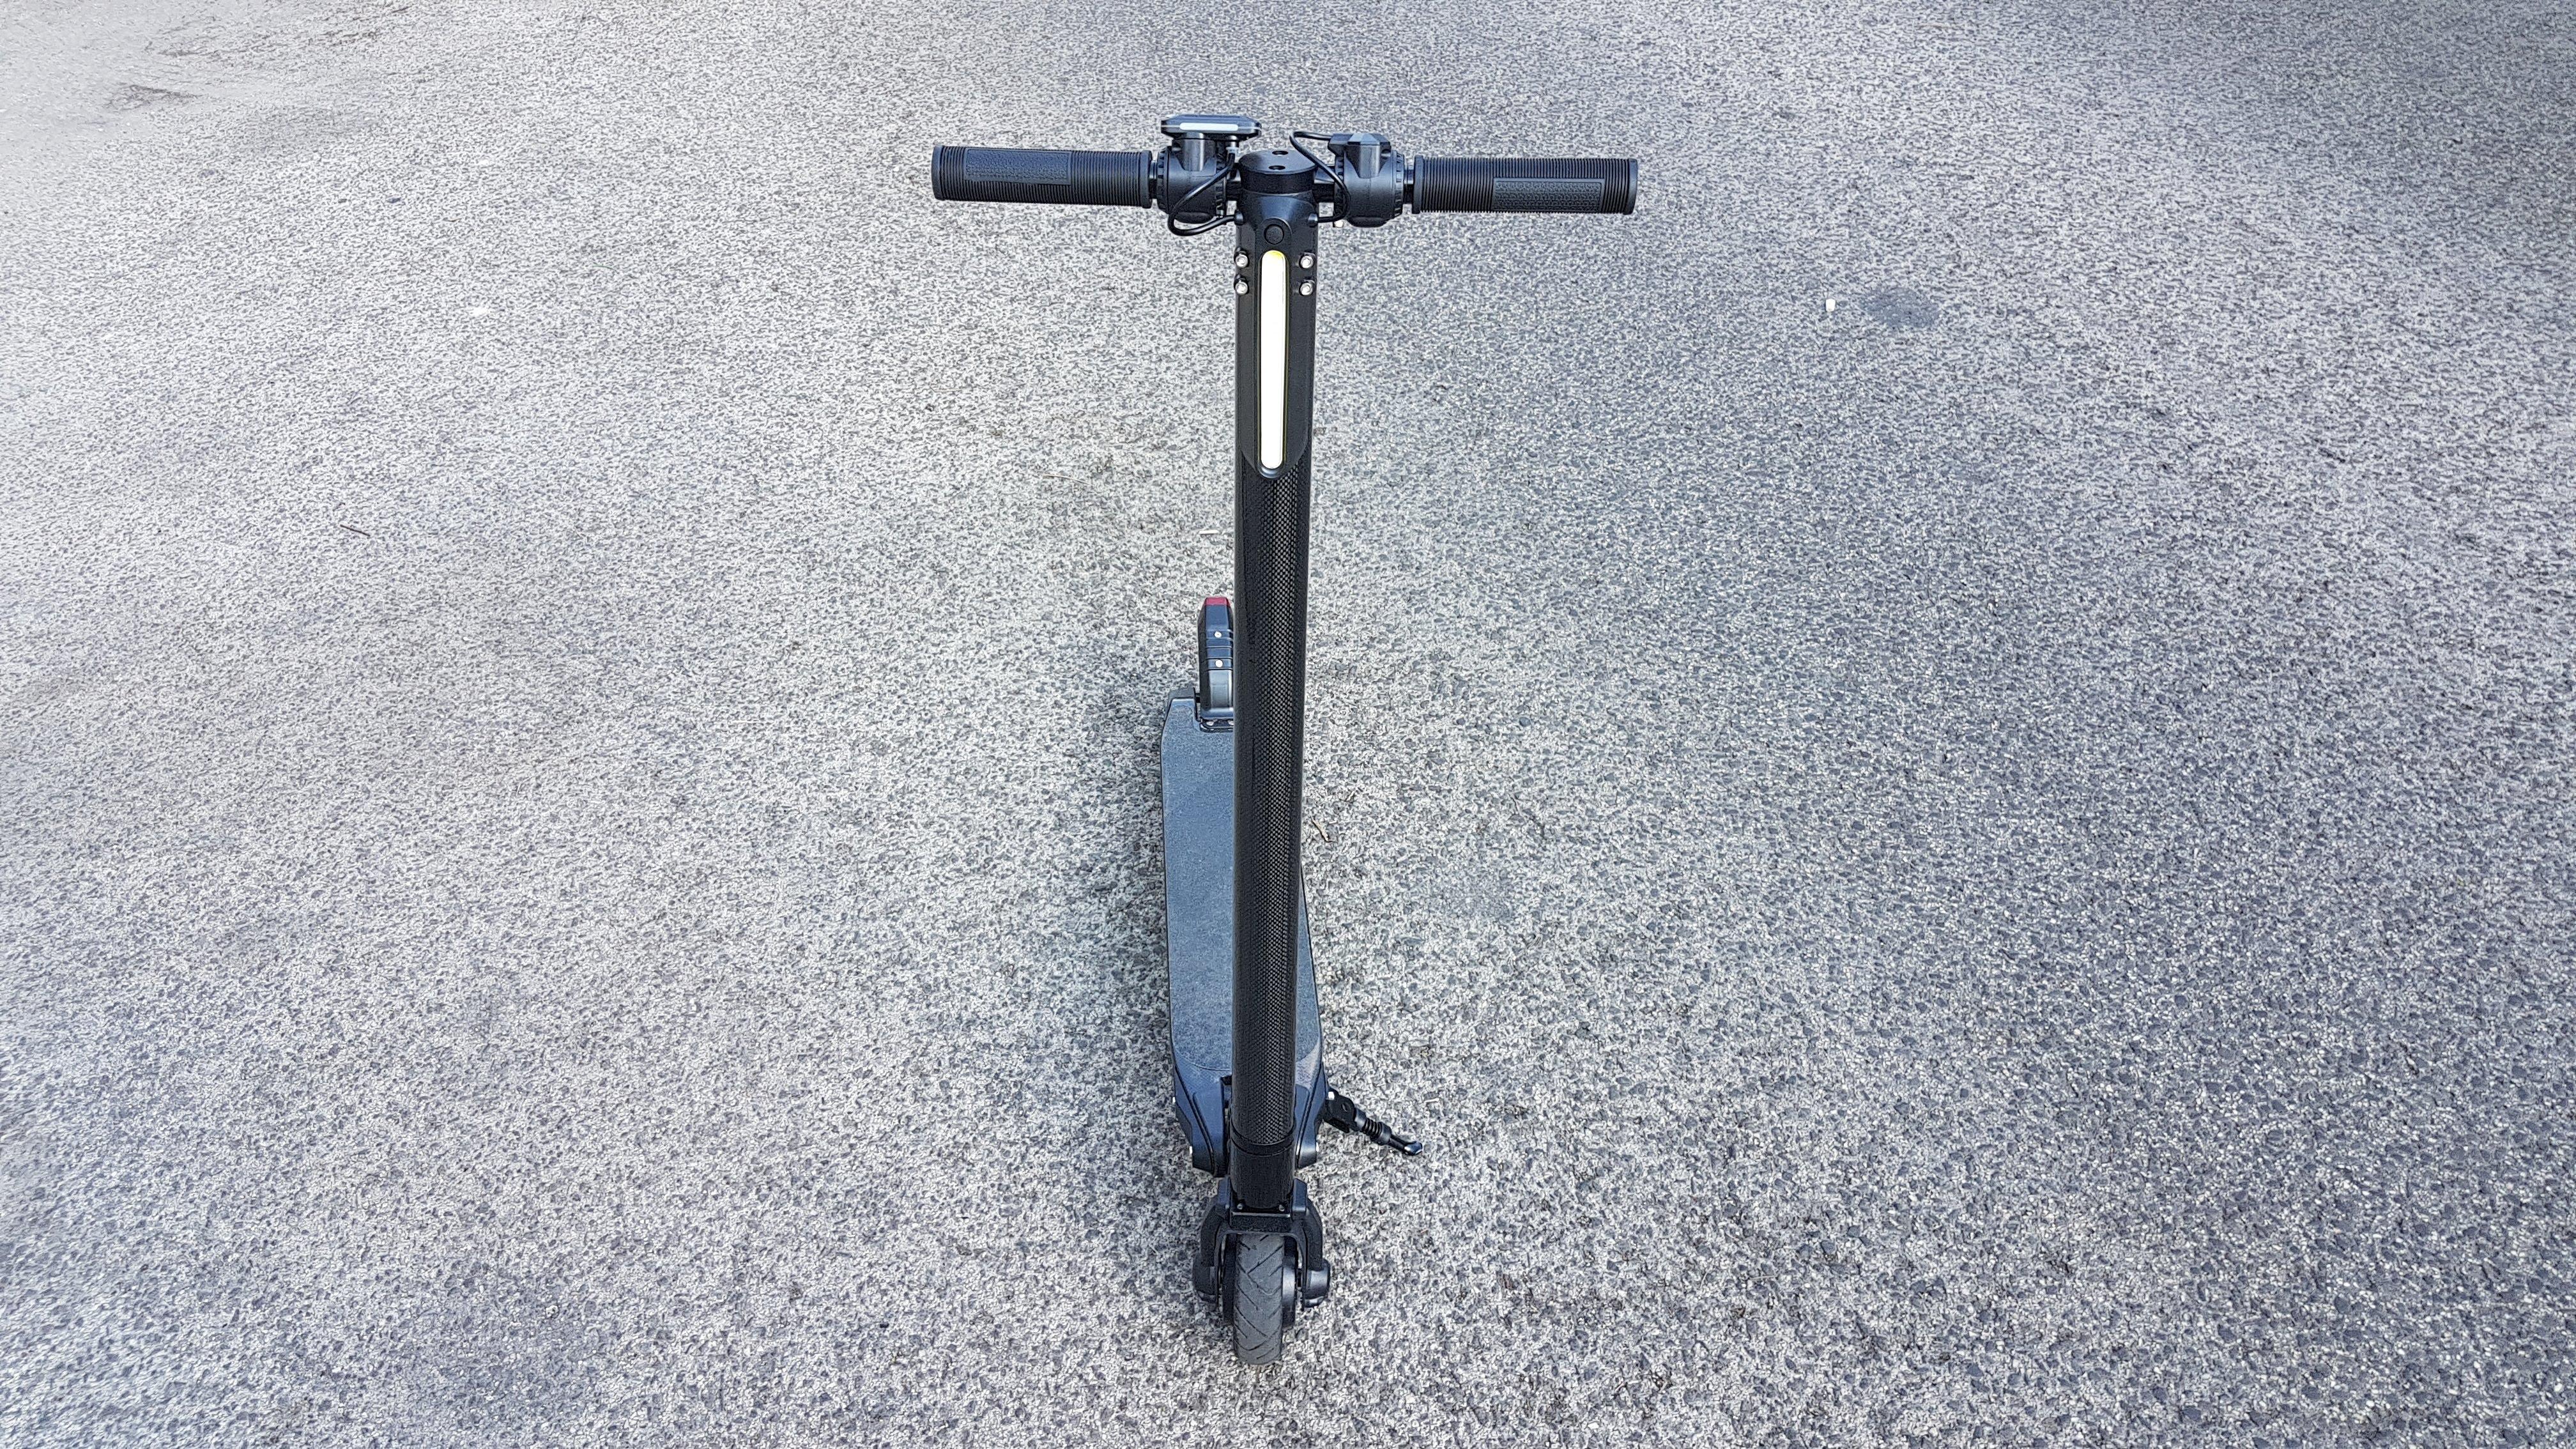 carbon-fiber-a-hordozhato-elektromos-roller-teszt-osszecsukhato-6600mAh-akkumulator-akksi-5.5-colos-kerek-02